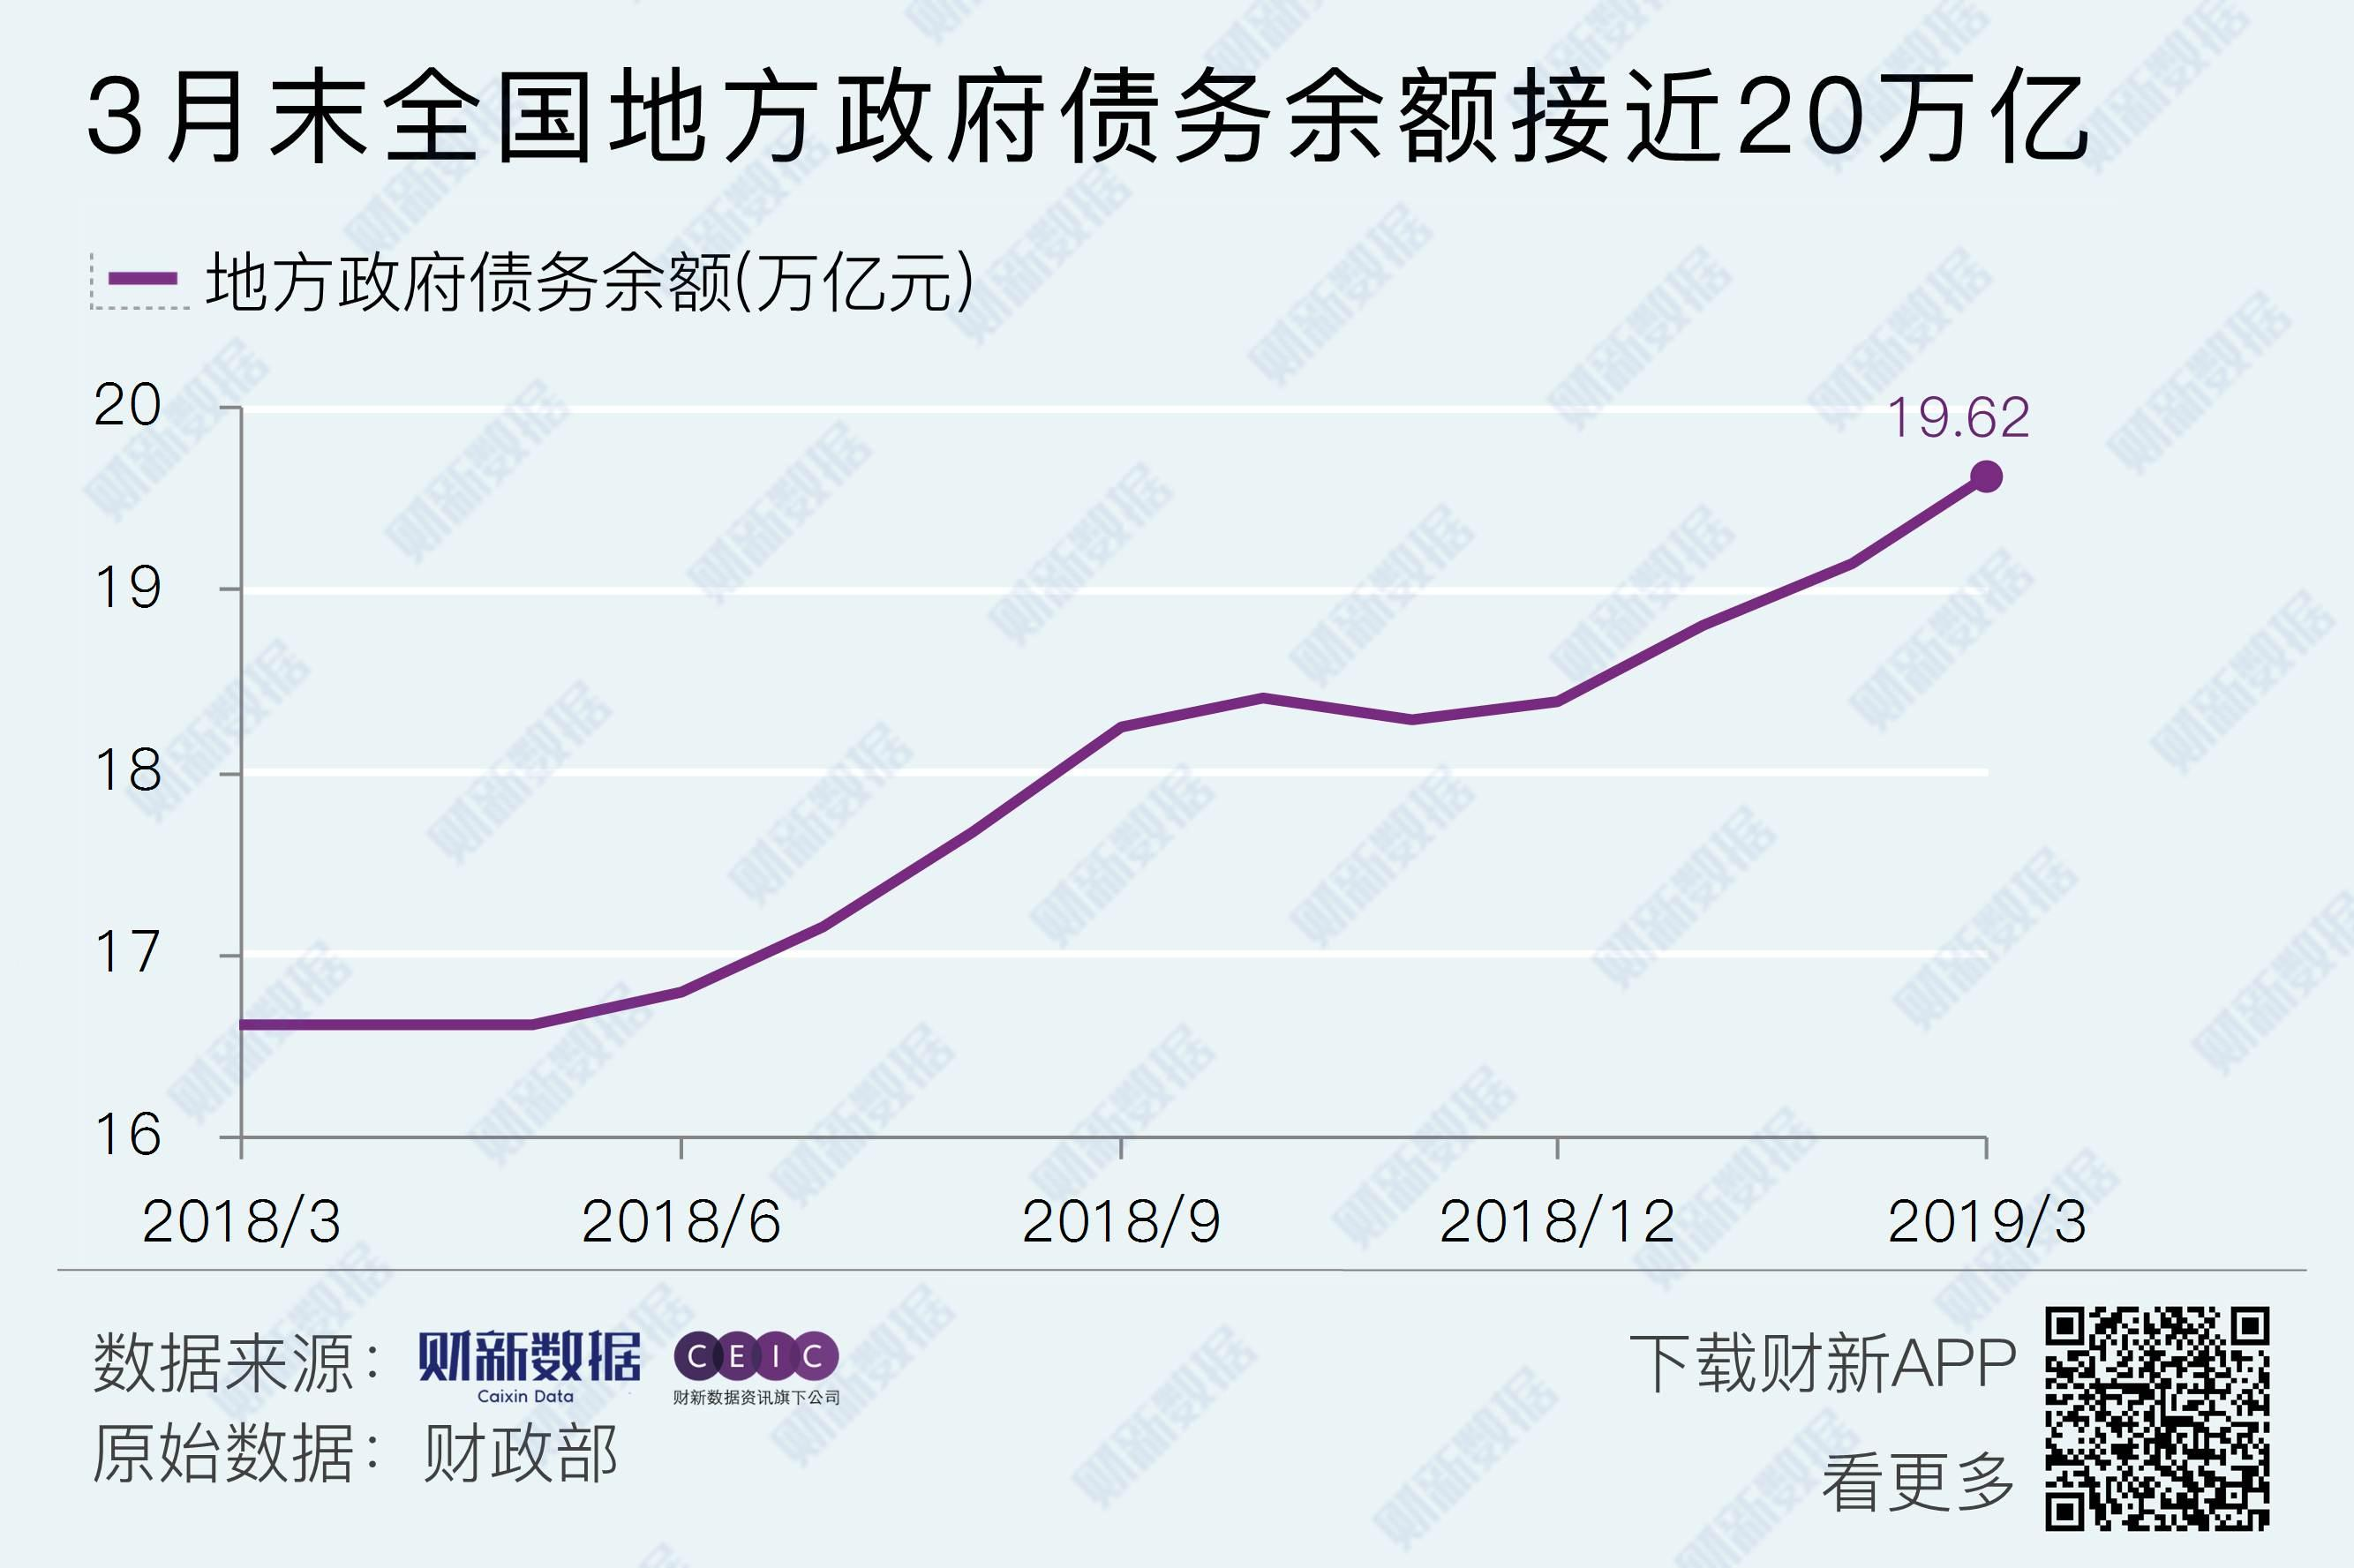 3月末全国地方政府债务余额接近20万亿